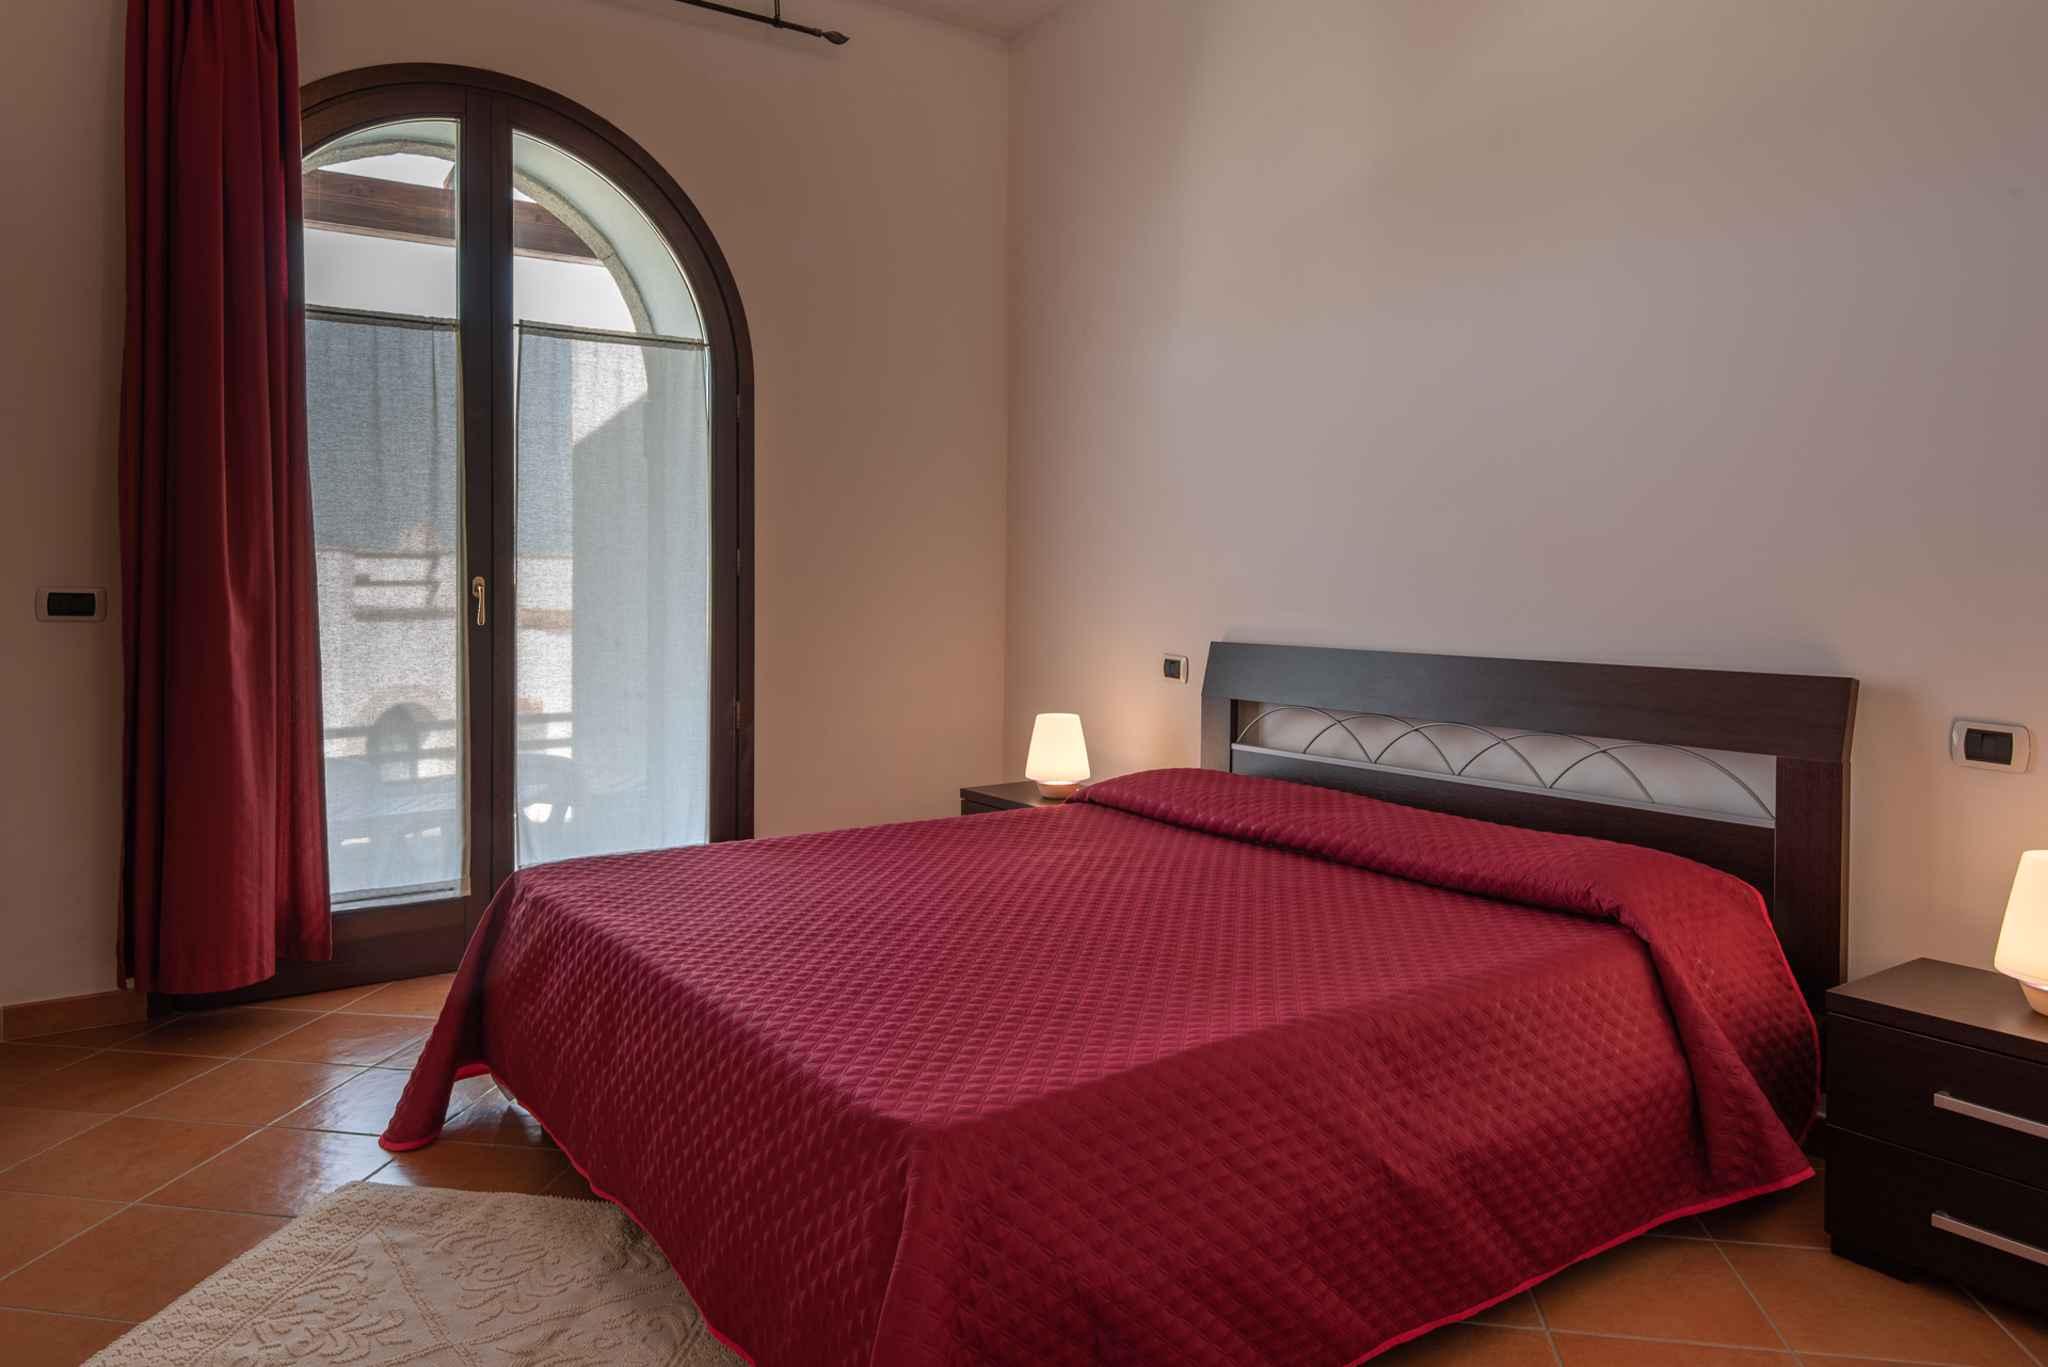 Ferienhaus mit KLimaanlage (2182426), Alghero, Sassari, Sardinien, Italien, Bild 19